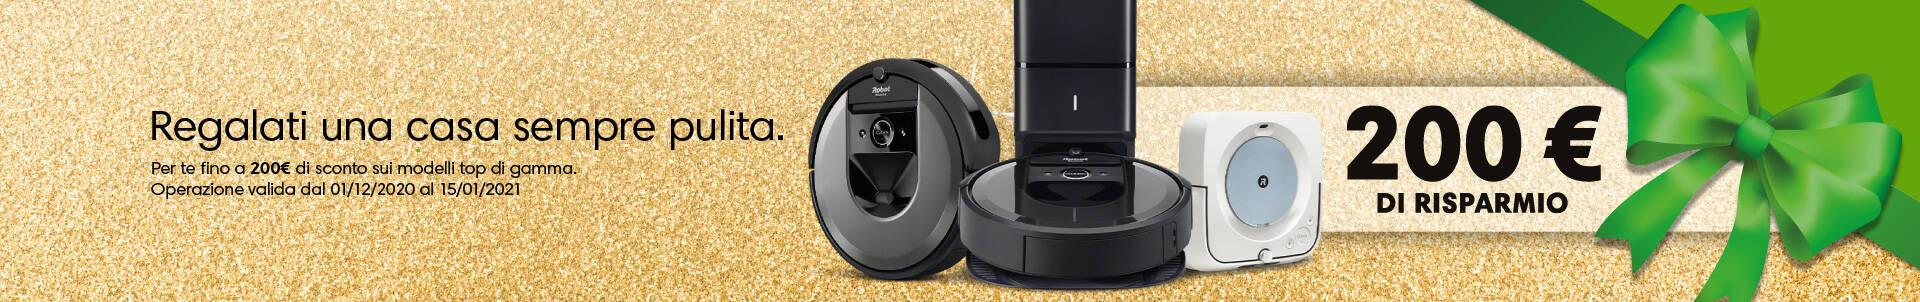 BUNDLE Roomba i7